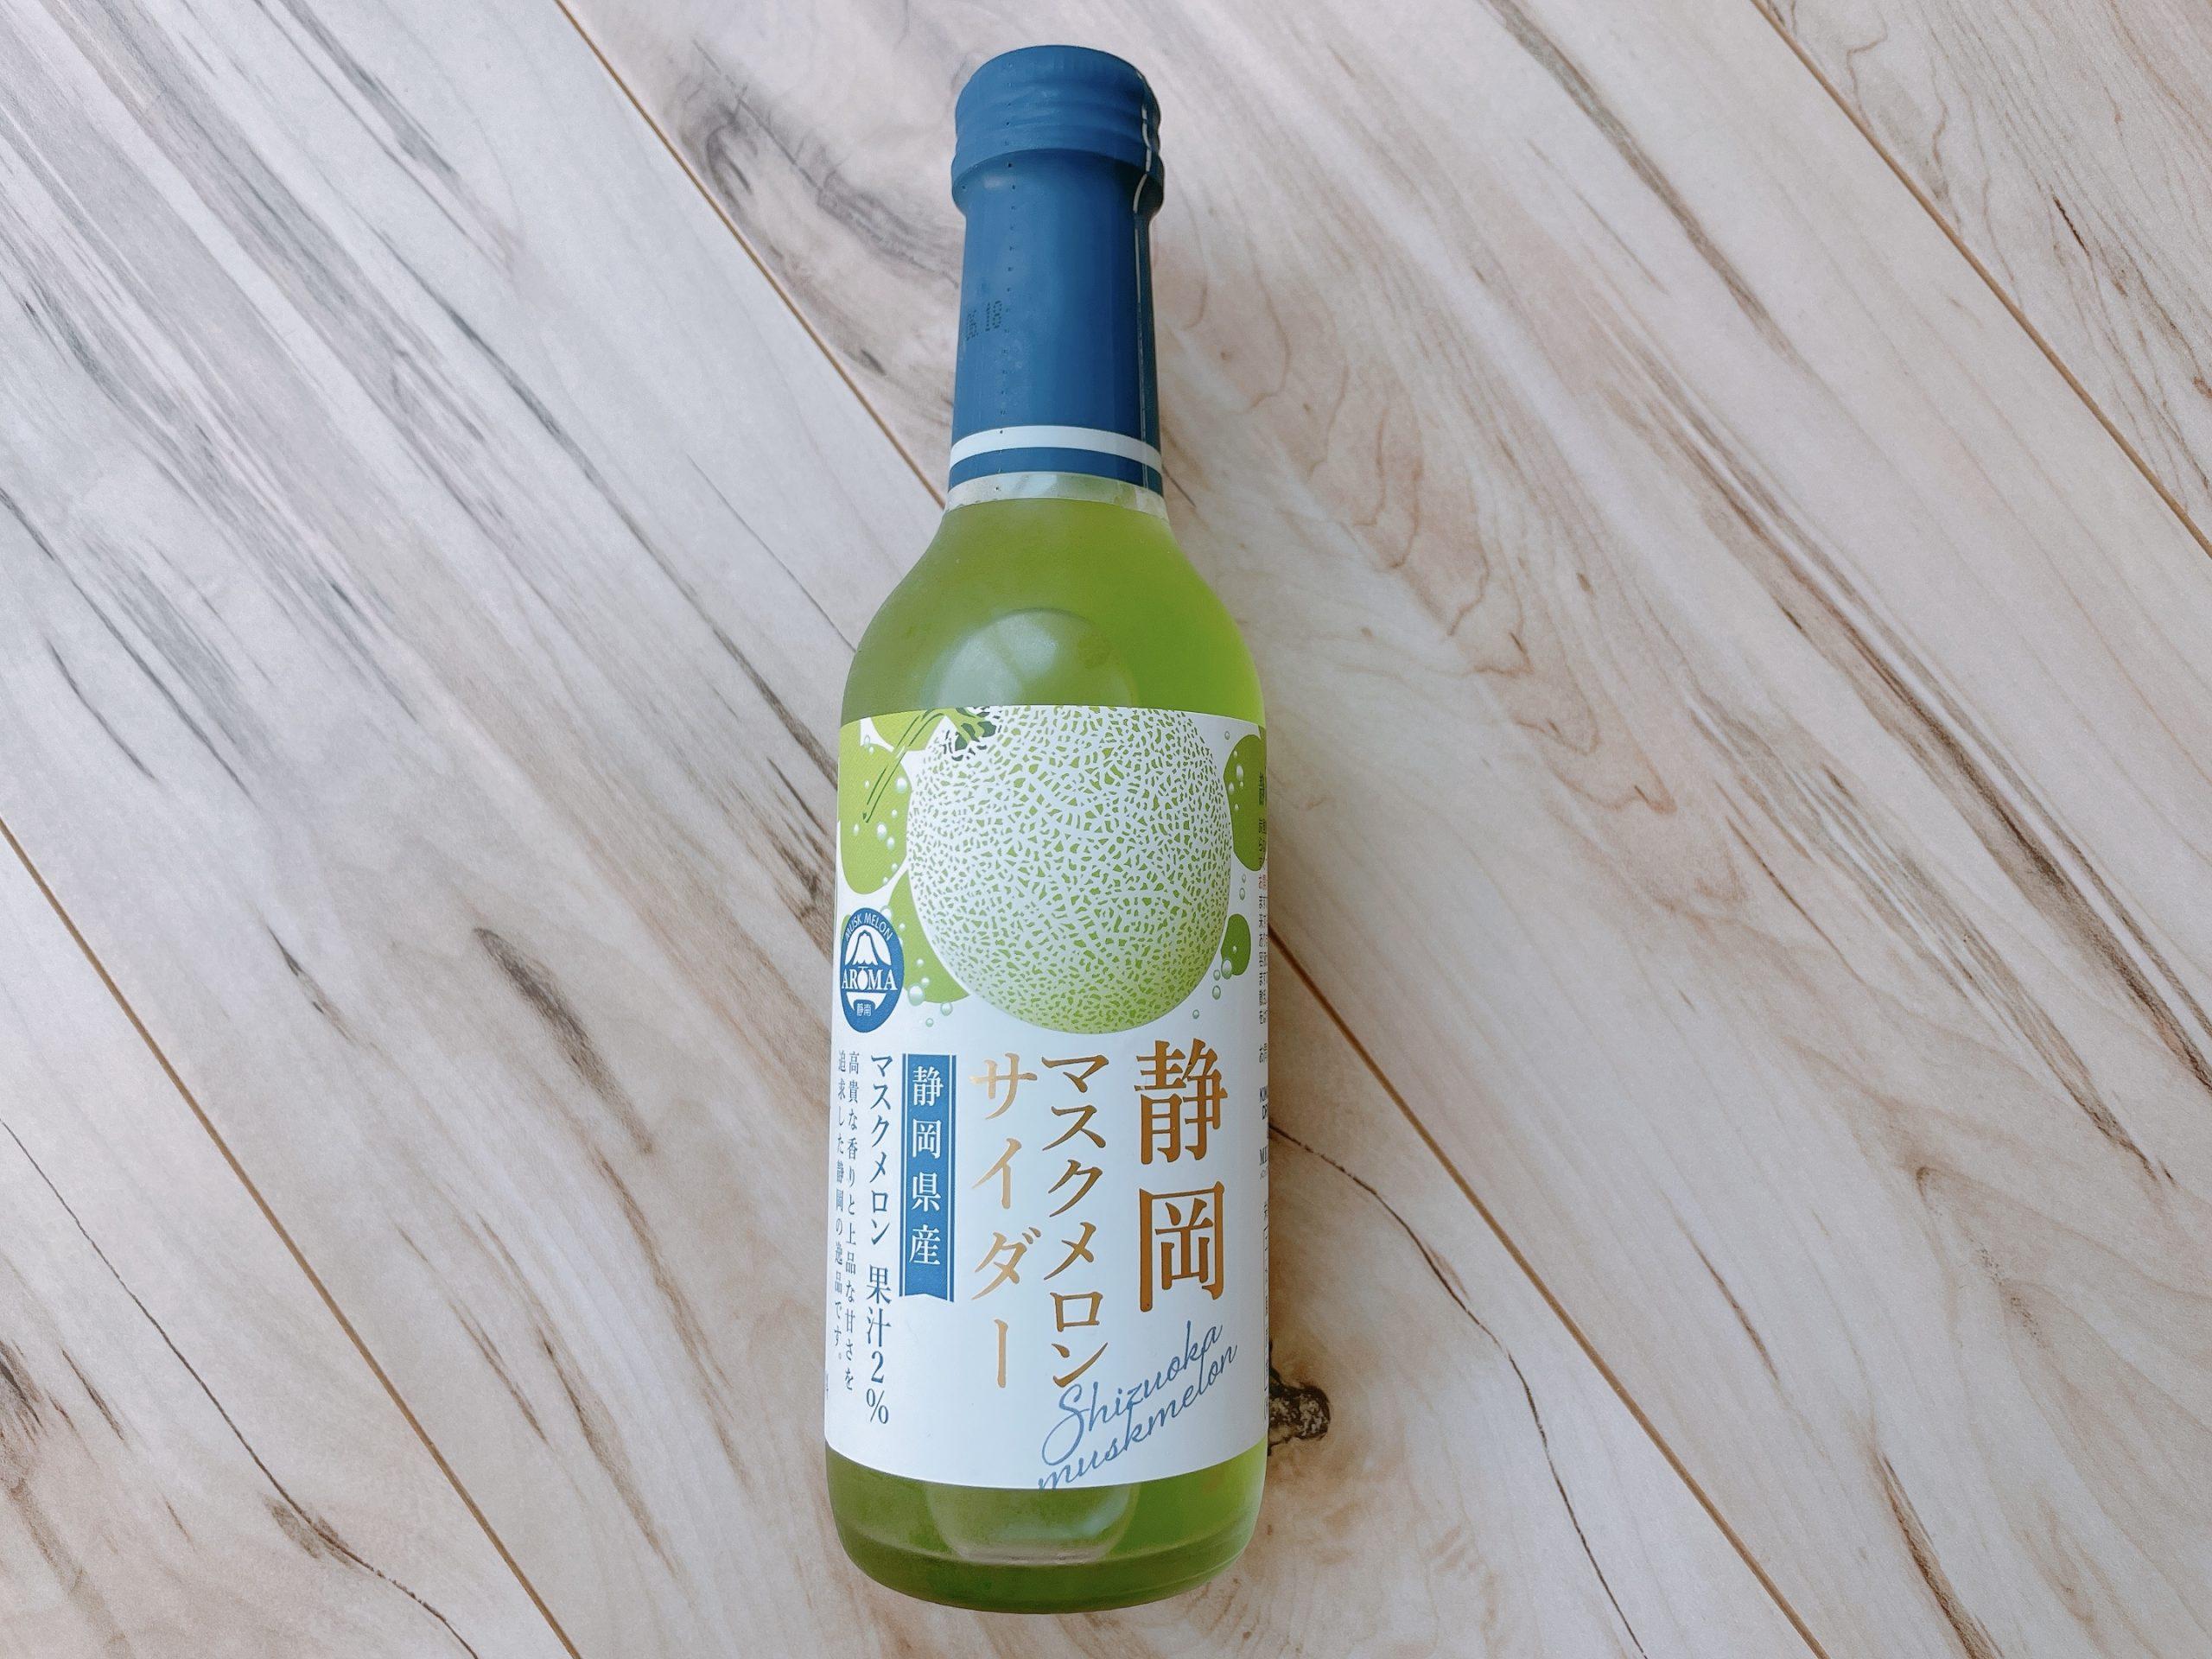 静岡マスクメロンサイダー、パッケージ